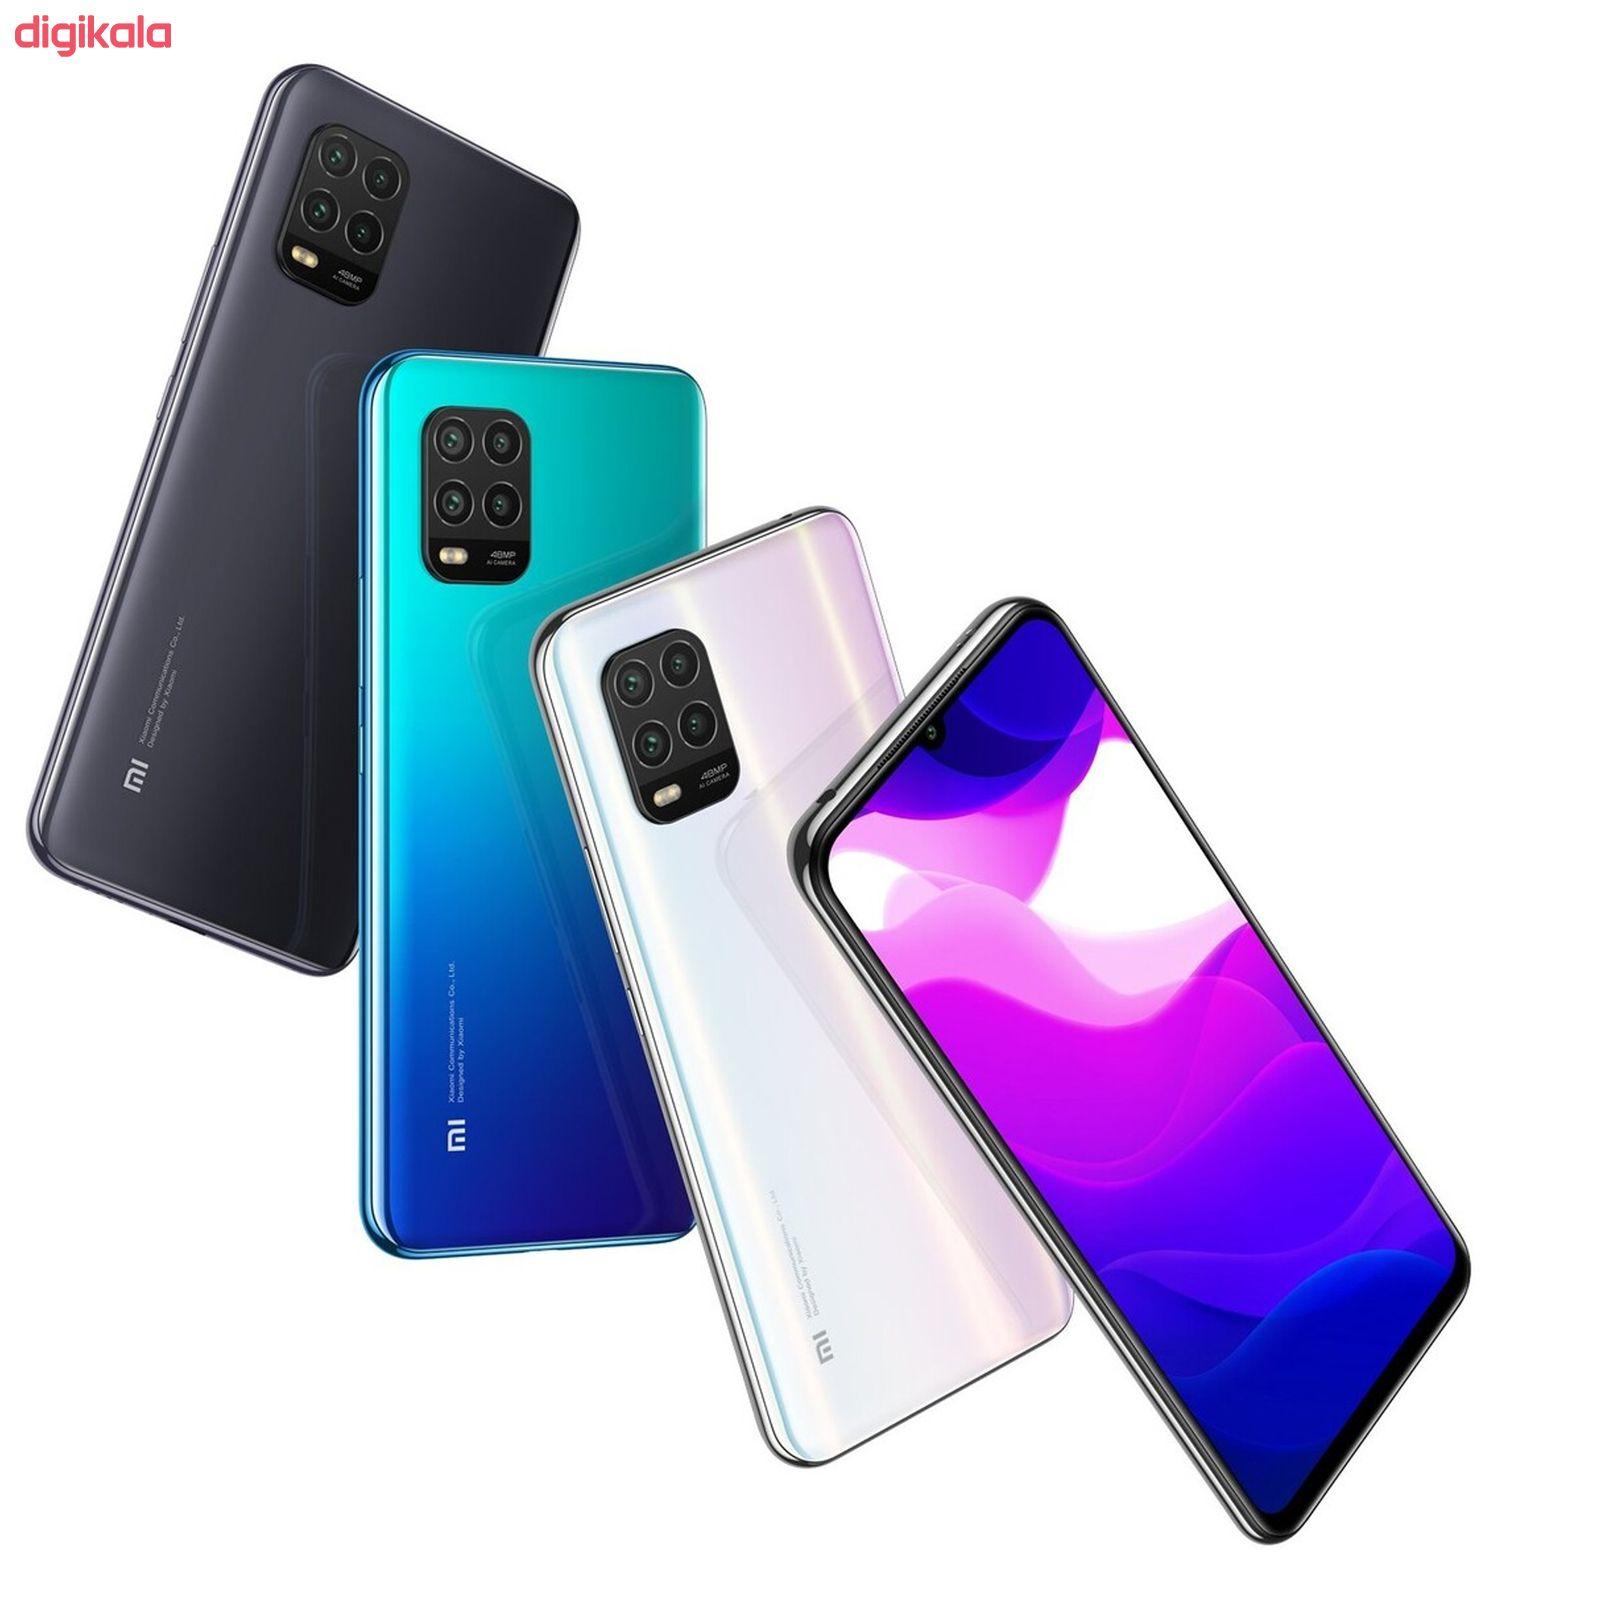 گوشی موبایل شیائومی مدل Mi 10 Lite 5G M2002J9G دو سیم کارت ظرفیت 128 گیگابایت  main 1 11